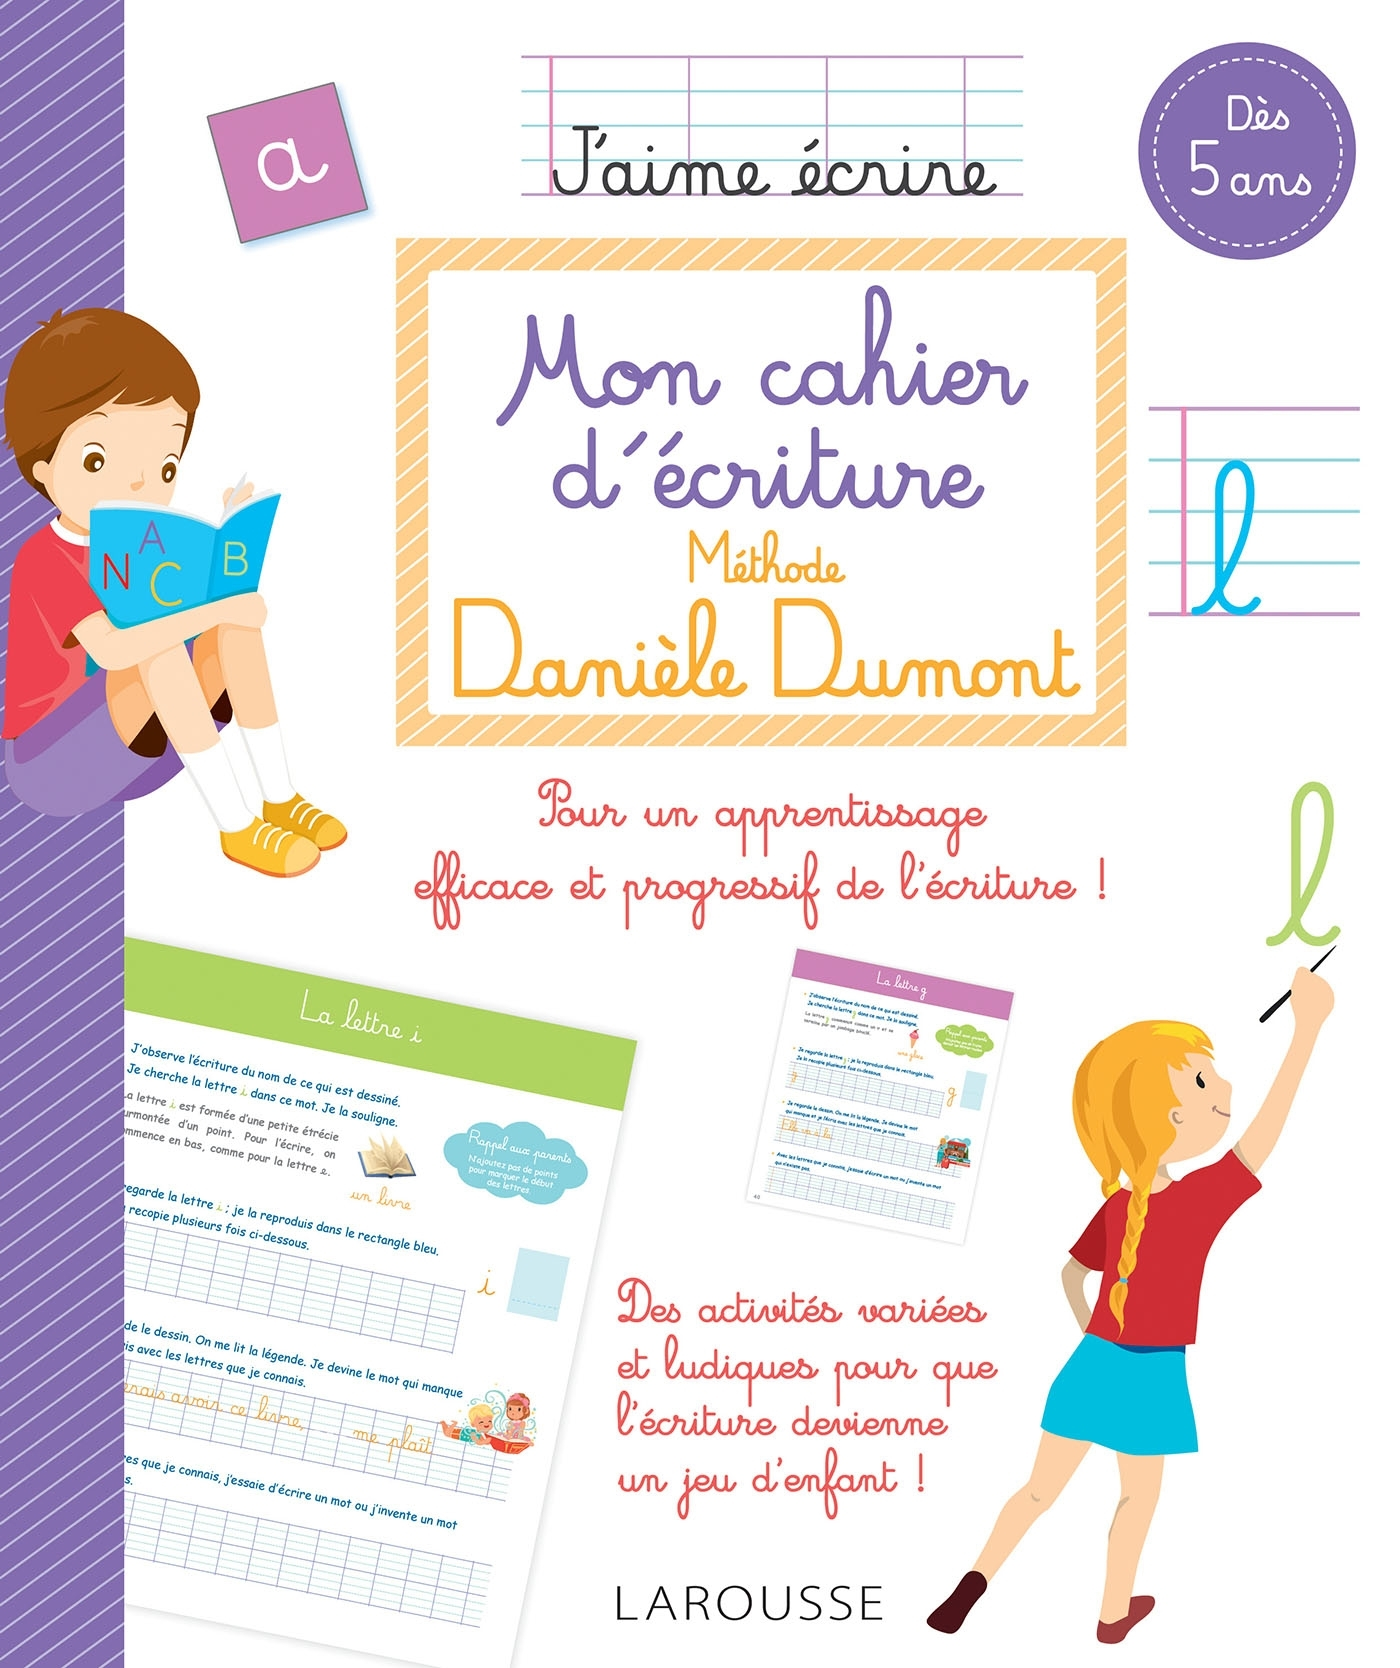 MON CAHIER D'ECRITURE METHODE DANIELE DUMONT